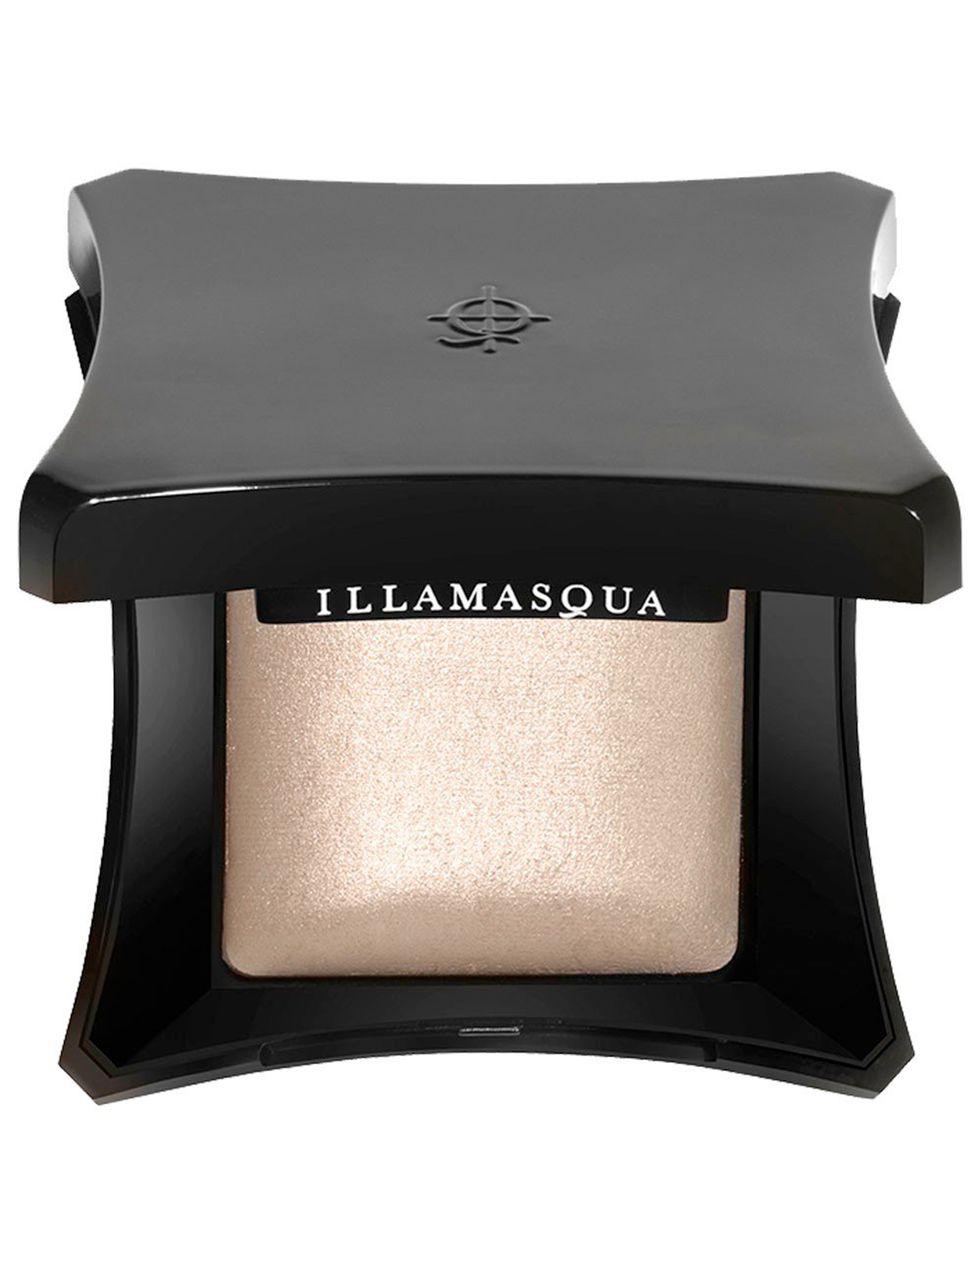 Illamasqua - €44.20